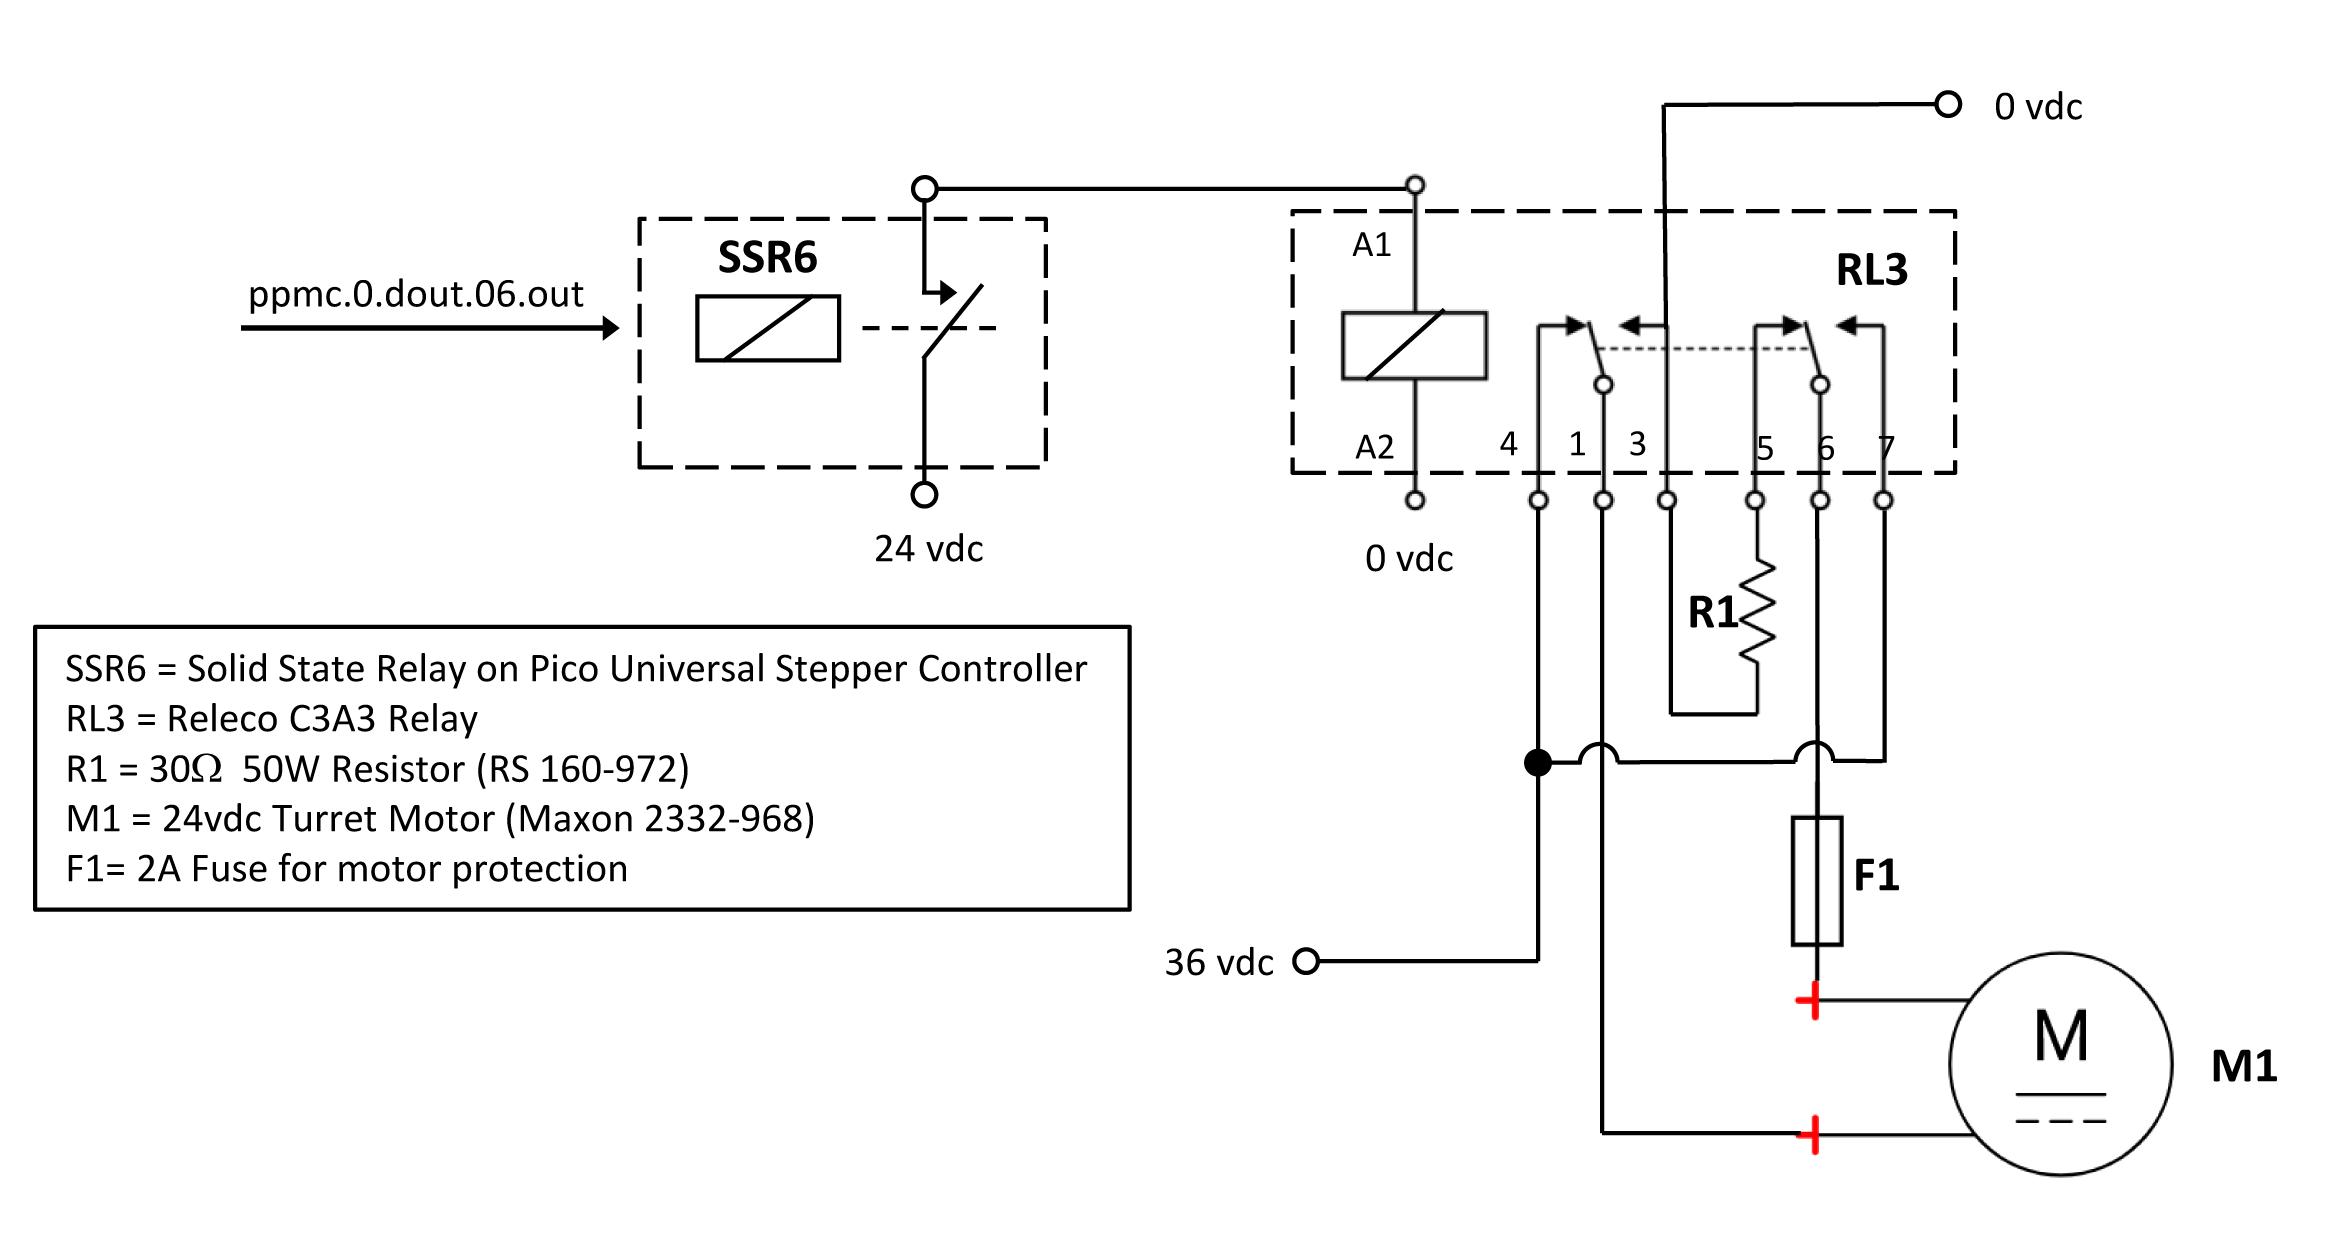 Motor_Control_Circuit_Diagram.png